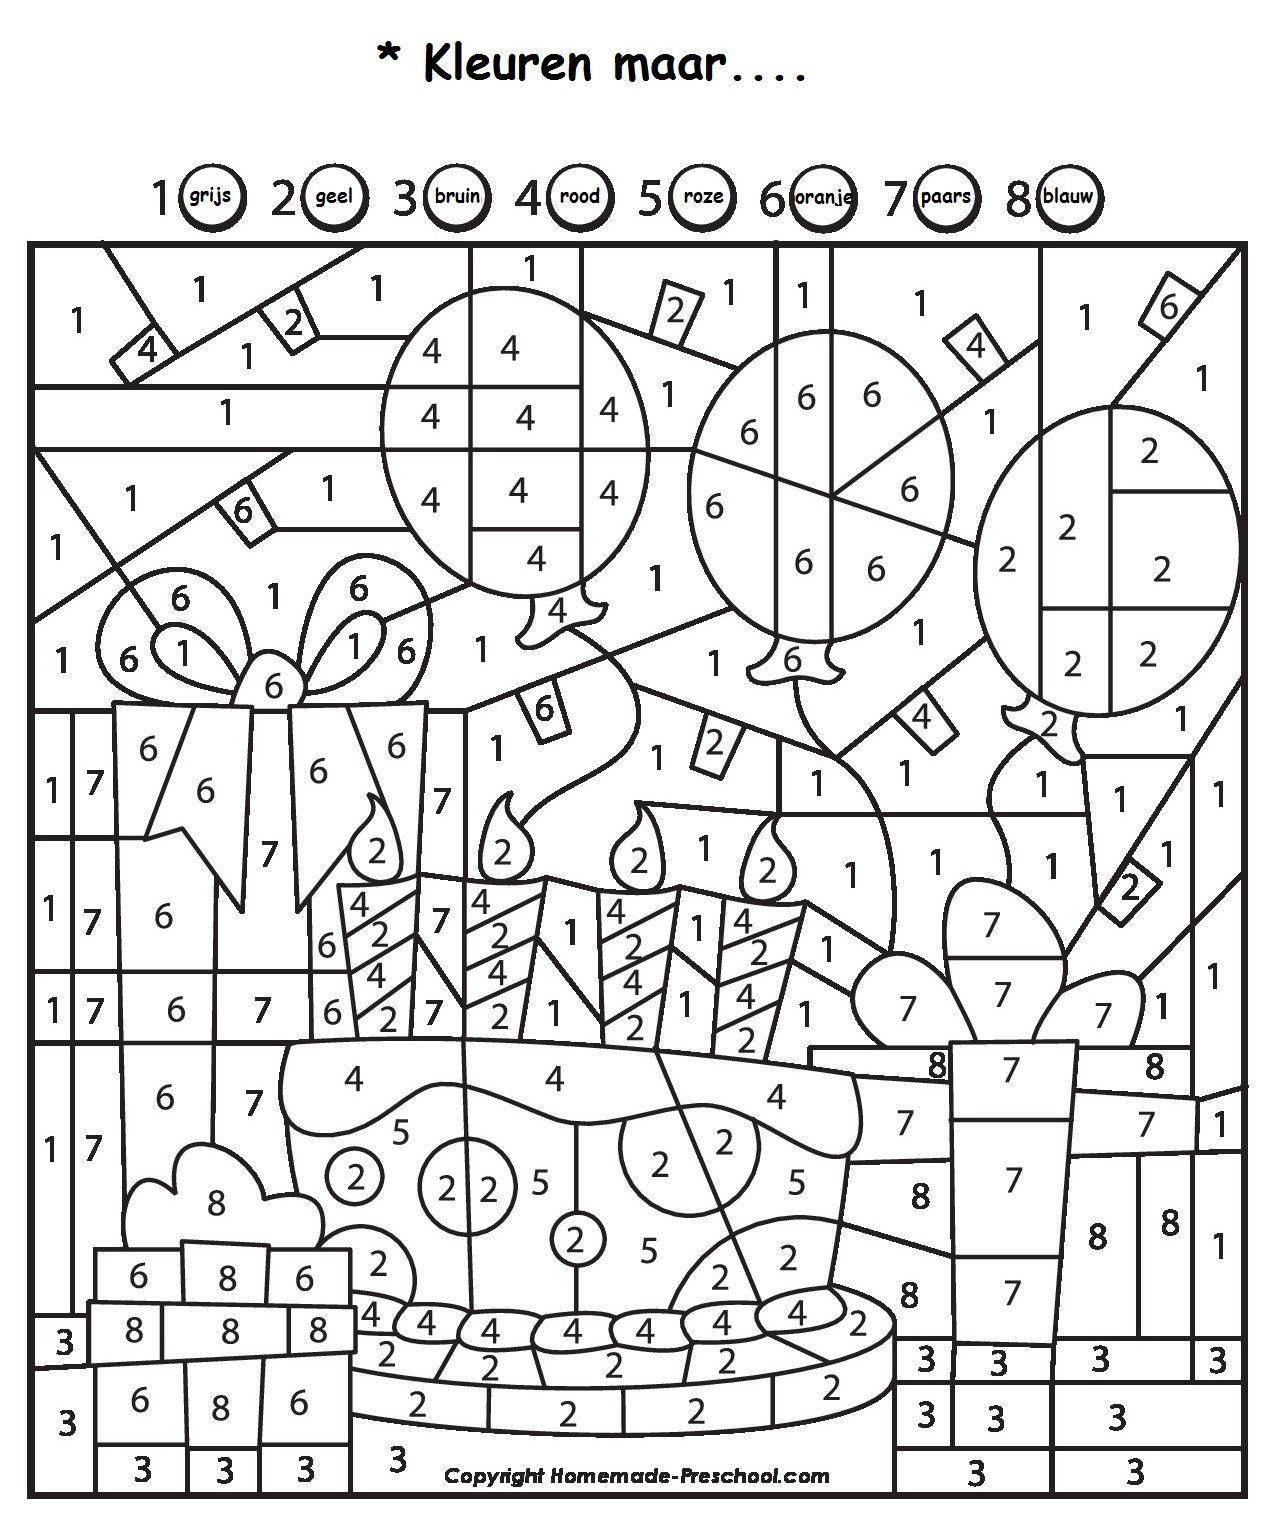 5aa51deb213f2af1f7d834c53c71f938 Jpg 1 275 1 529 Pixels Knutselen Thema Feest Kleuren Met Nummers Thema